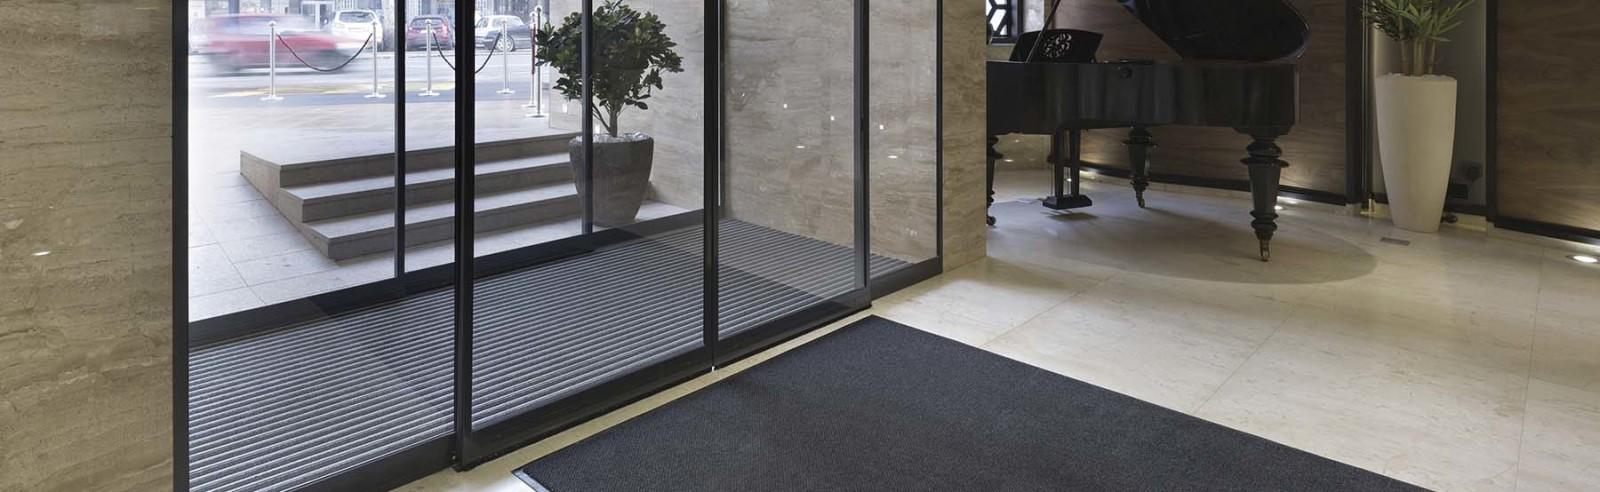 entrance carpet rolls Fordom home page slider